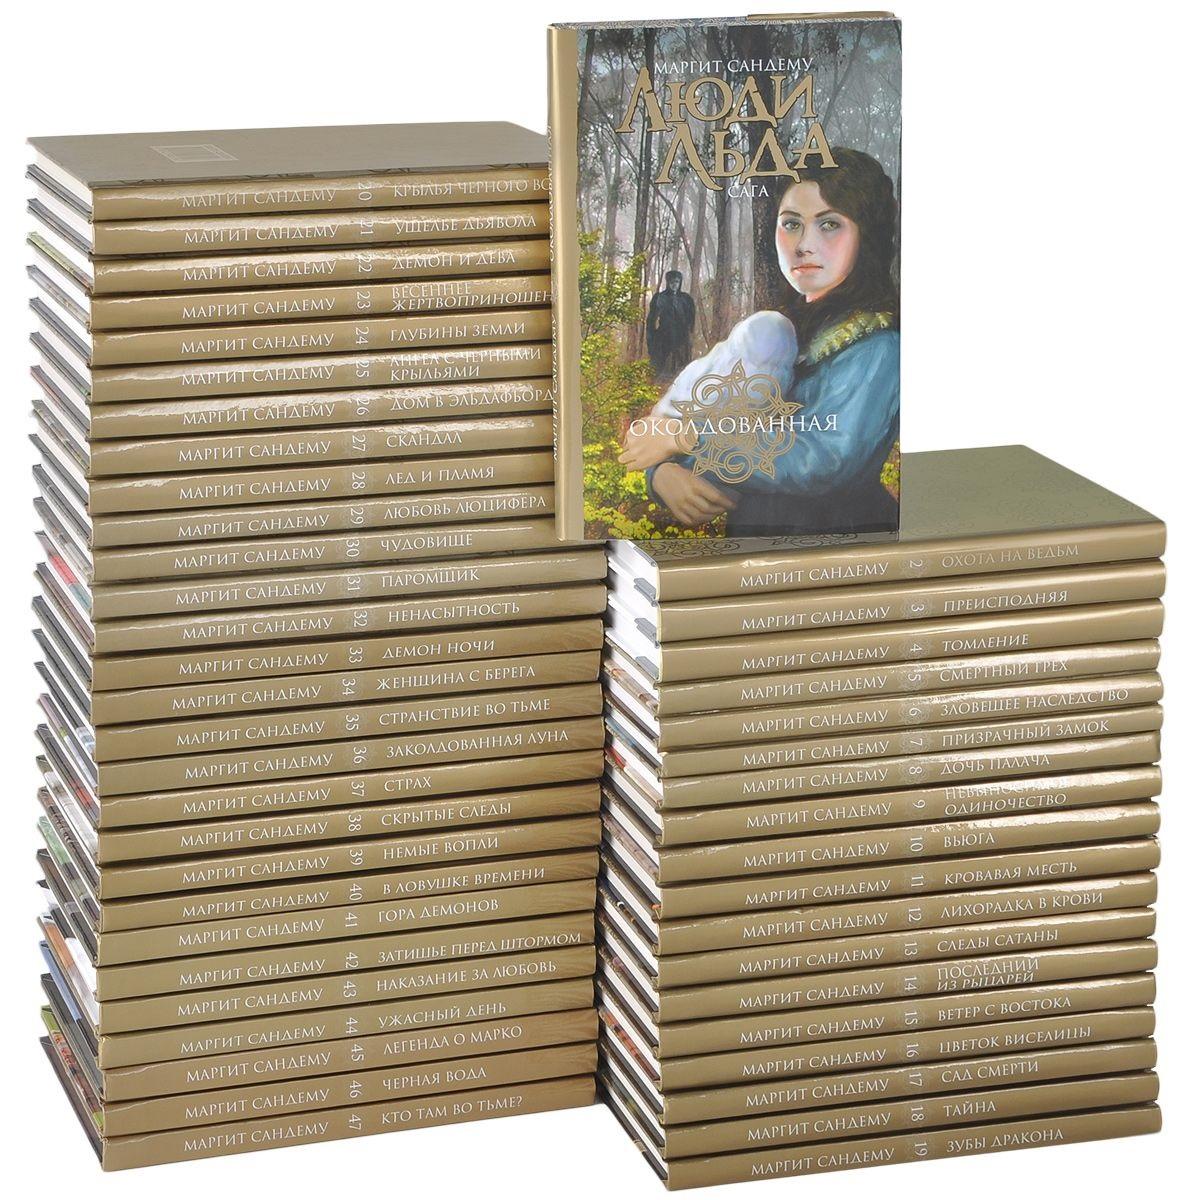 Сандему М. Люди Льда. Сага (комплект из 47 книг) сандему м люди льда сага том 17 20 комплект из 4 книг